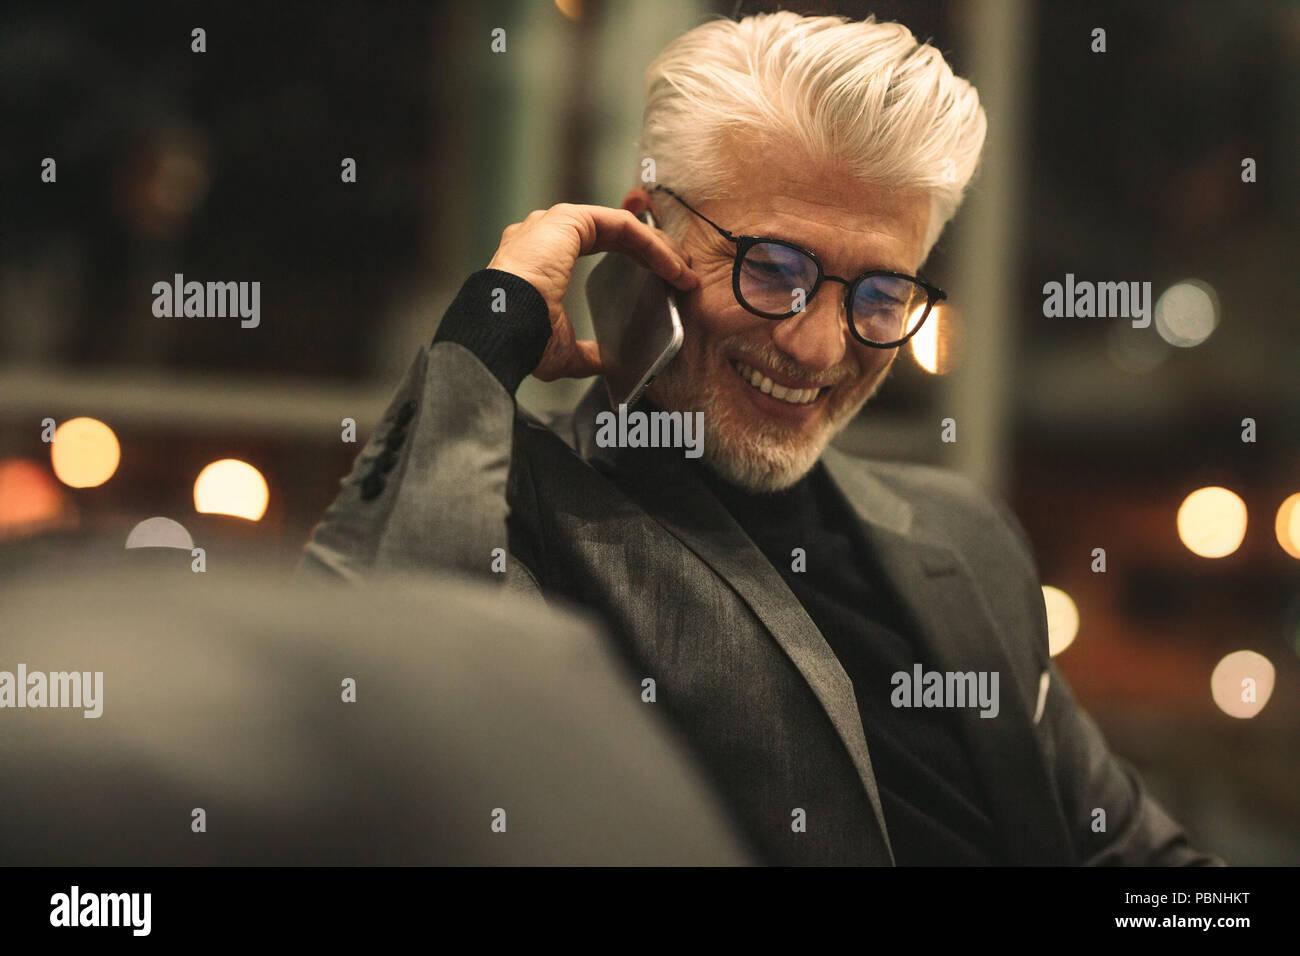 Mature business executive effectuer un appel téléphonique et souriant. Caucasian man with eyeglasses talking on mobile phone in office. Photo Stock